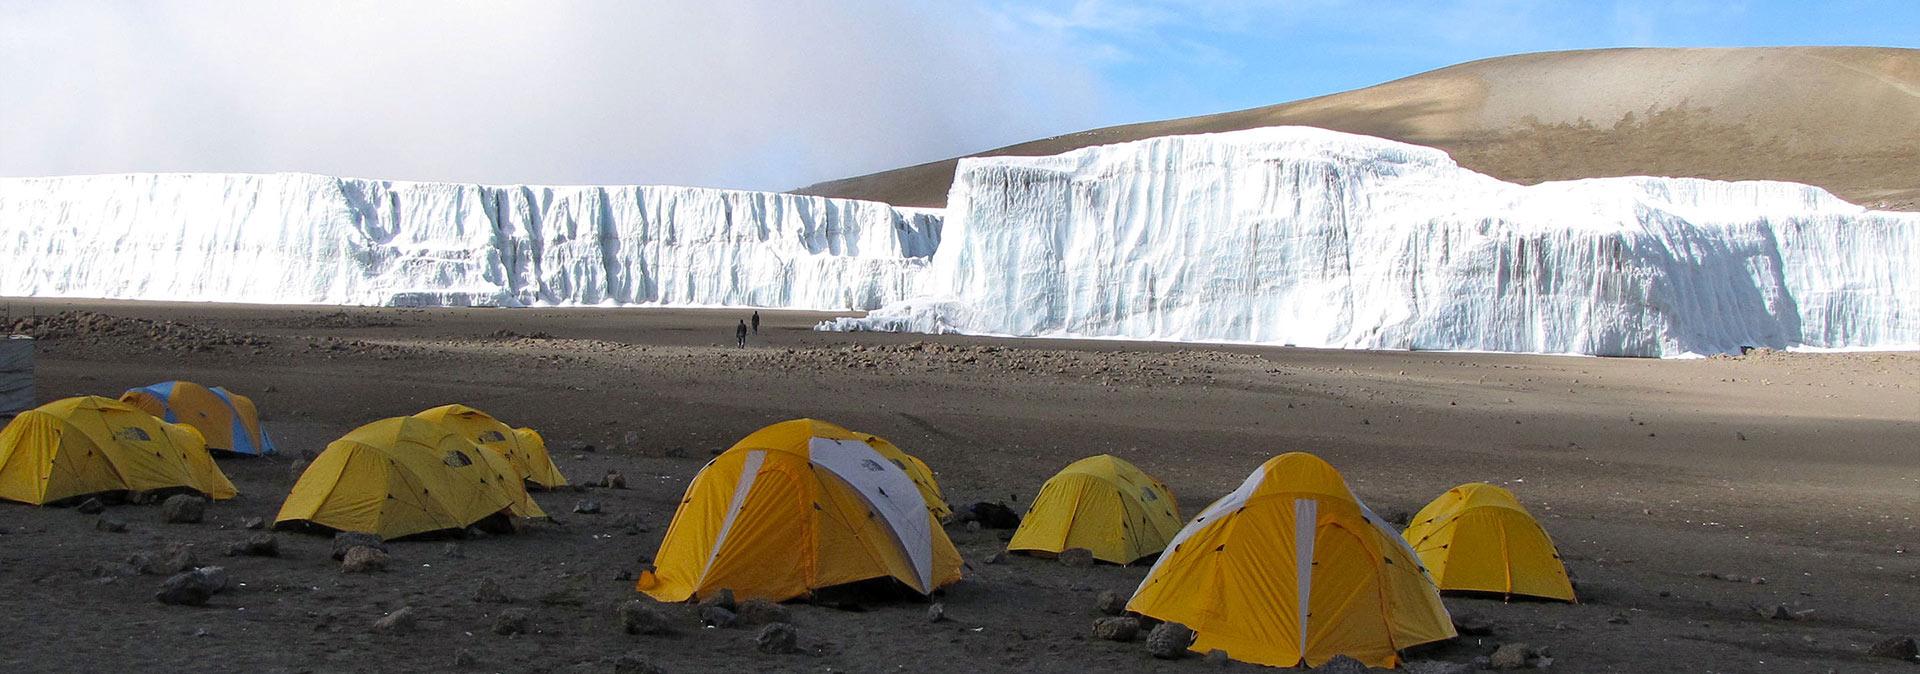 Where to Sleep on Mount Kilimanjaro